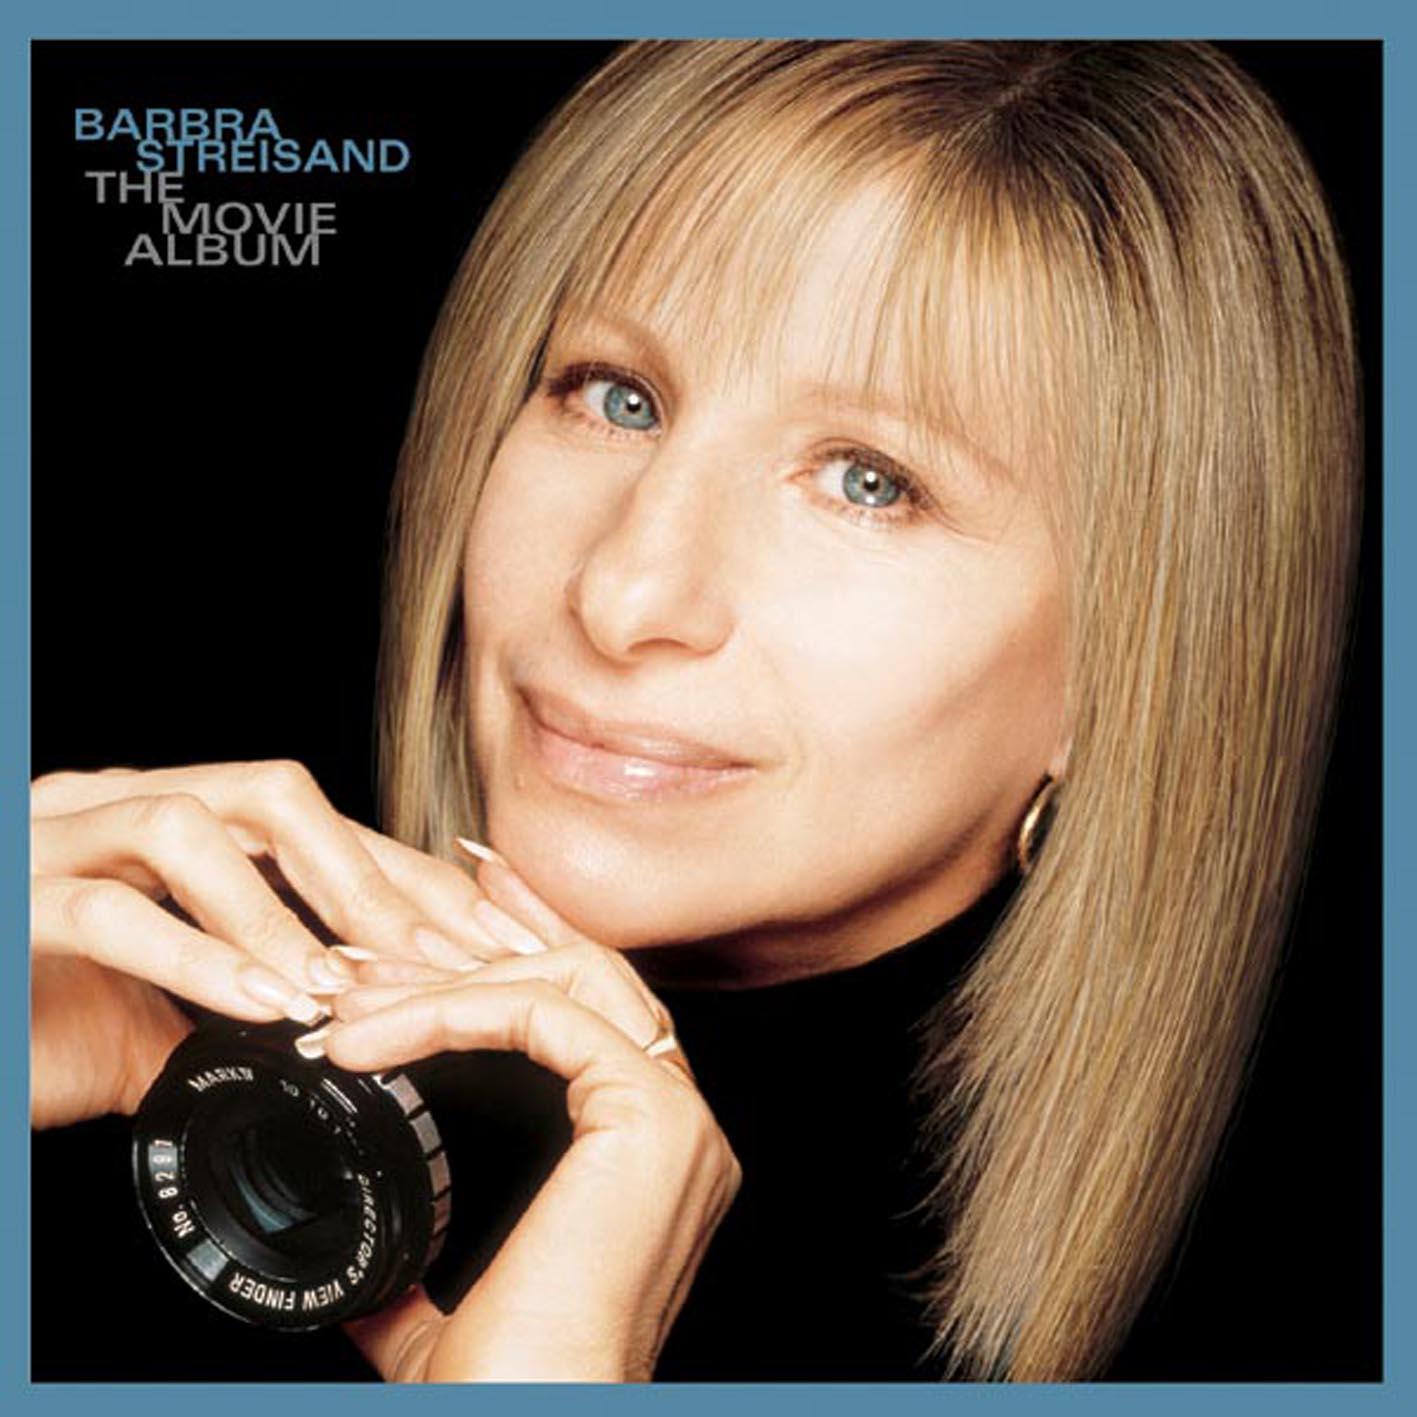 http://3.bp.blogspot.com/-eYkYgQlBcSY/TawHNIITOhI/AAAAAAAAAWc/AbMaIXotl_s/s1600/Barbra-Streisand-1.jpg